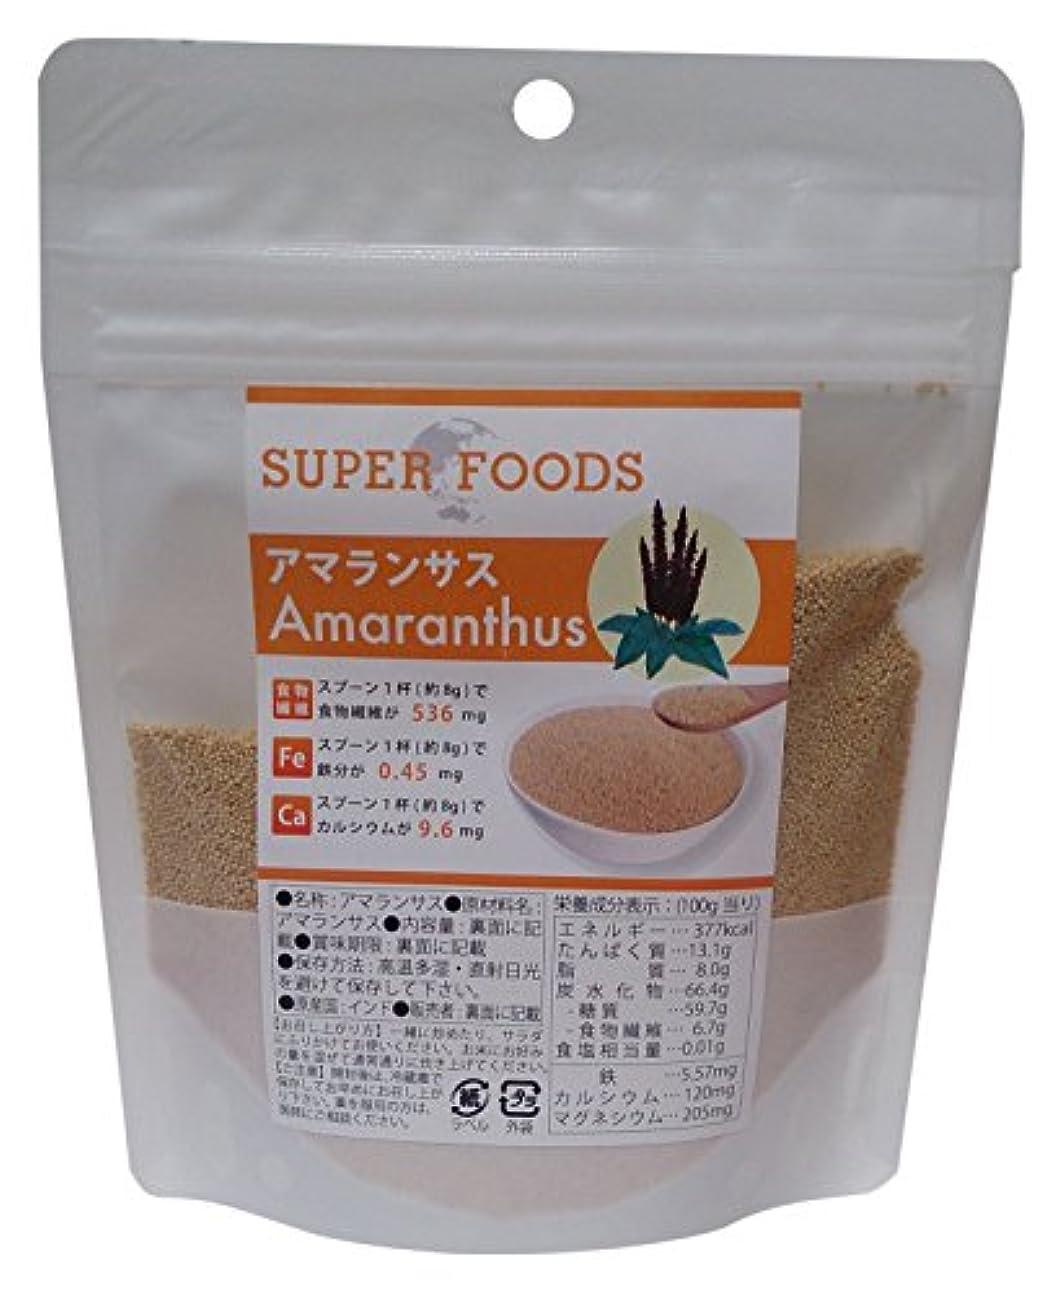 カスケード司法軽食タモン スーパーフード アマランサス 150g